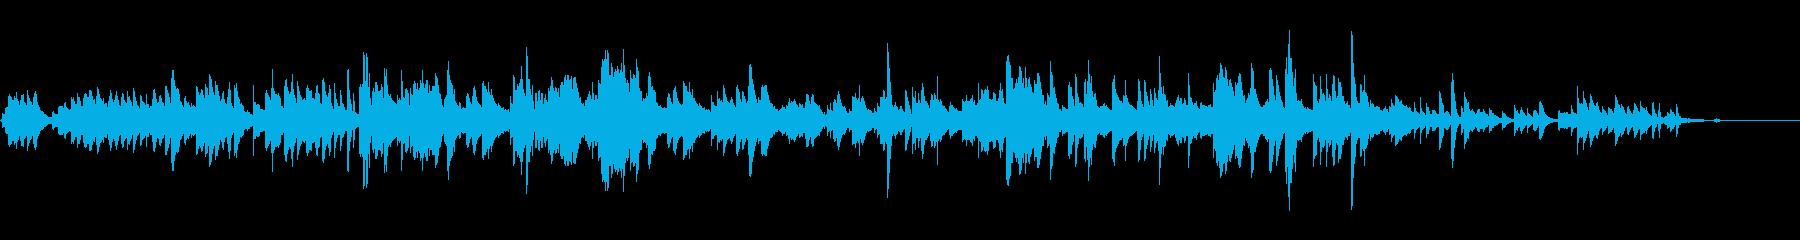 透き通る軽やかなピアノソロの再生済みの波形